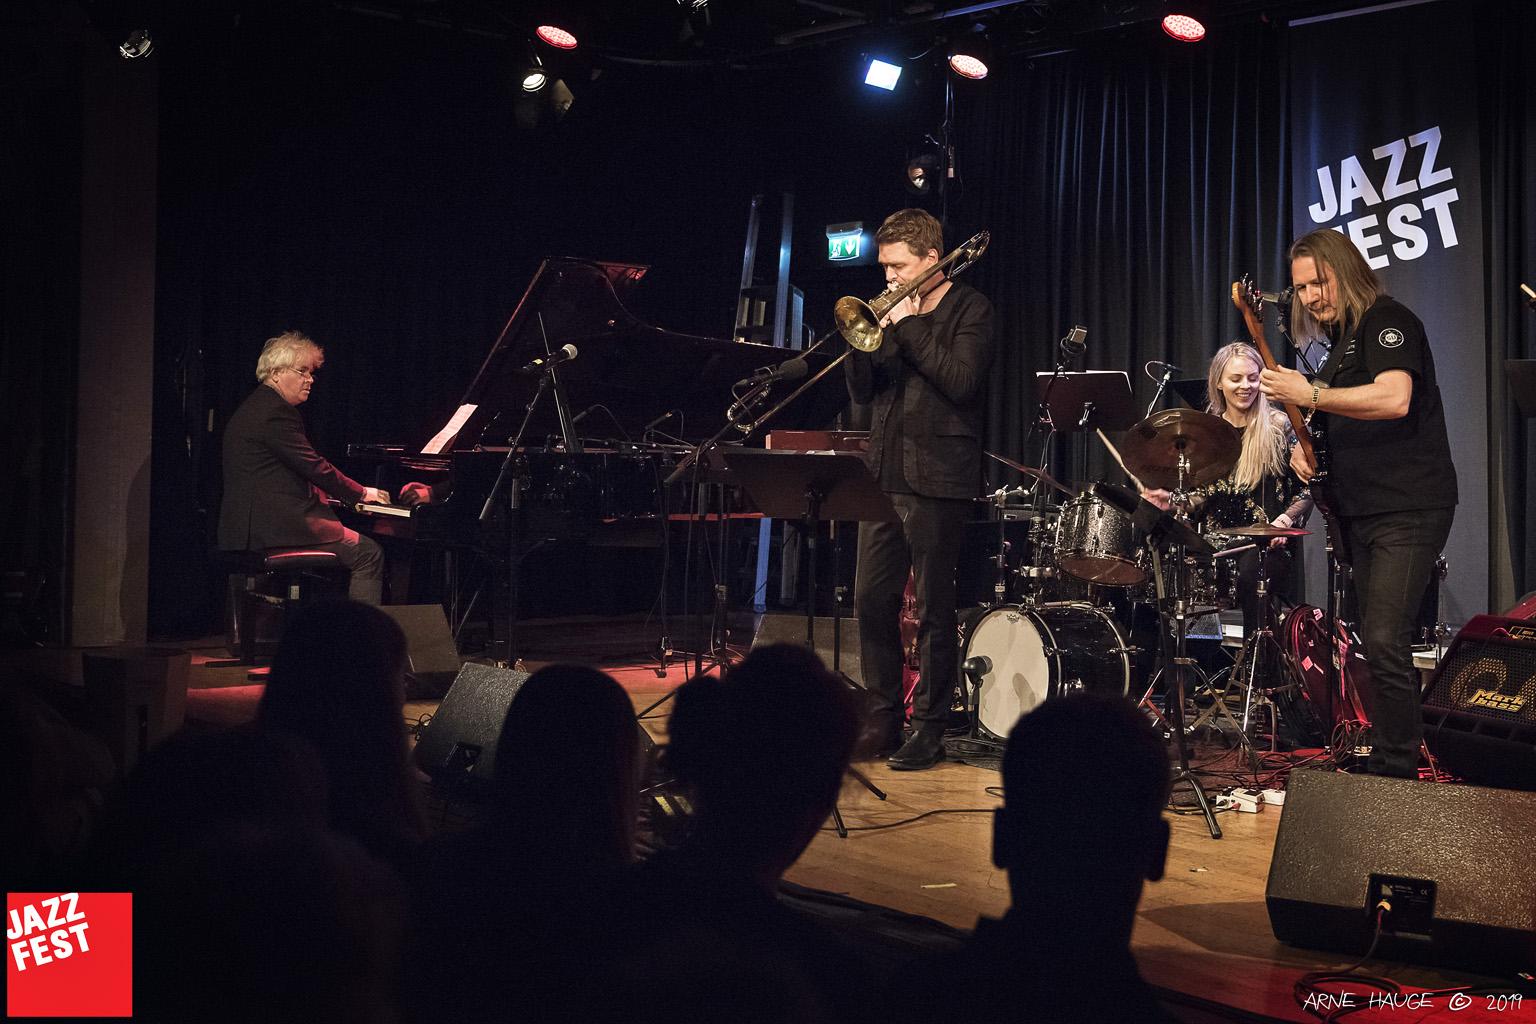 Vigleik Storaas, Christian Jaksjø, Siv Øyunn Kjenstad og Per Mathisen på NTNU Jazzlinjas festkonsert på Dokkhuset. Foto: Arne Hauge